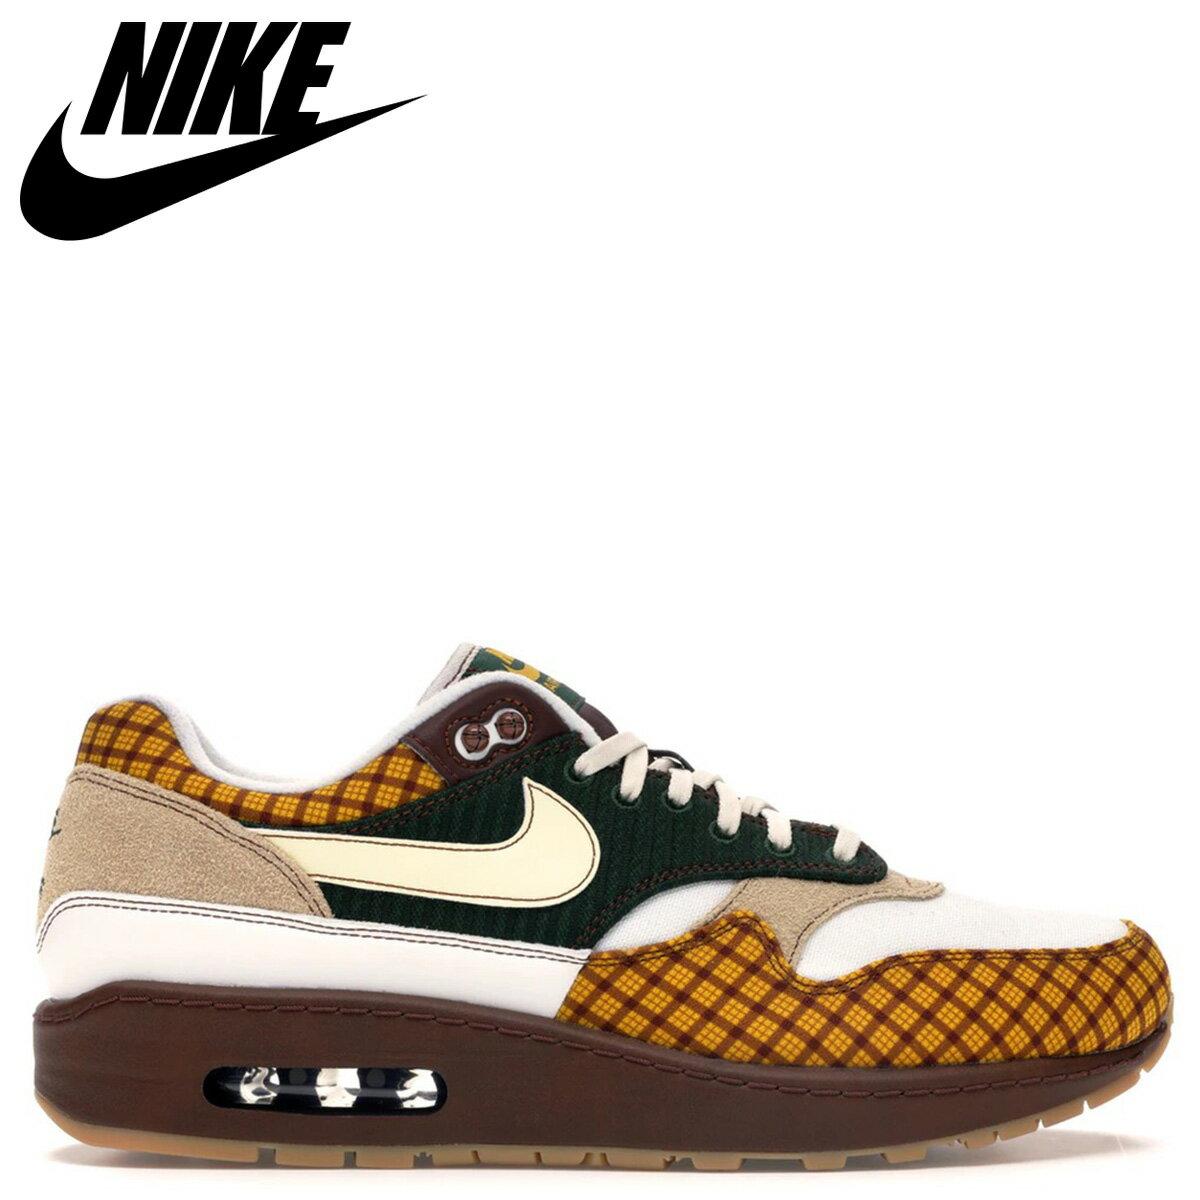 メンズ靴, スニーカー NIKE AIR MAX 1 SUSAN MISSING LINK 1 CK6643-100 zzi